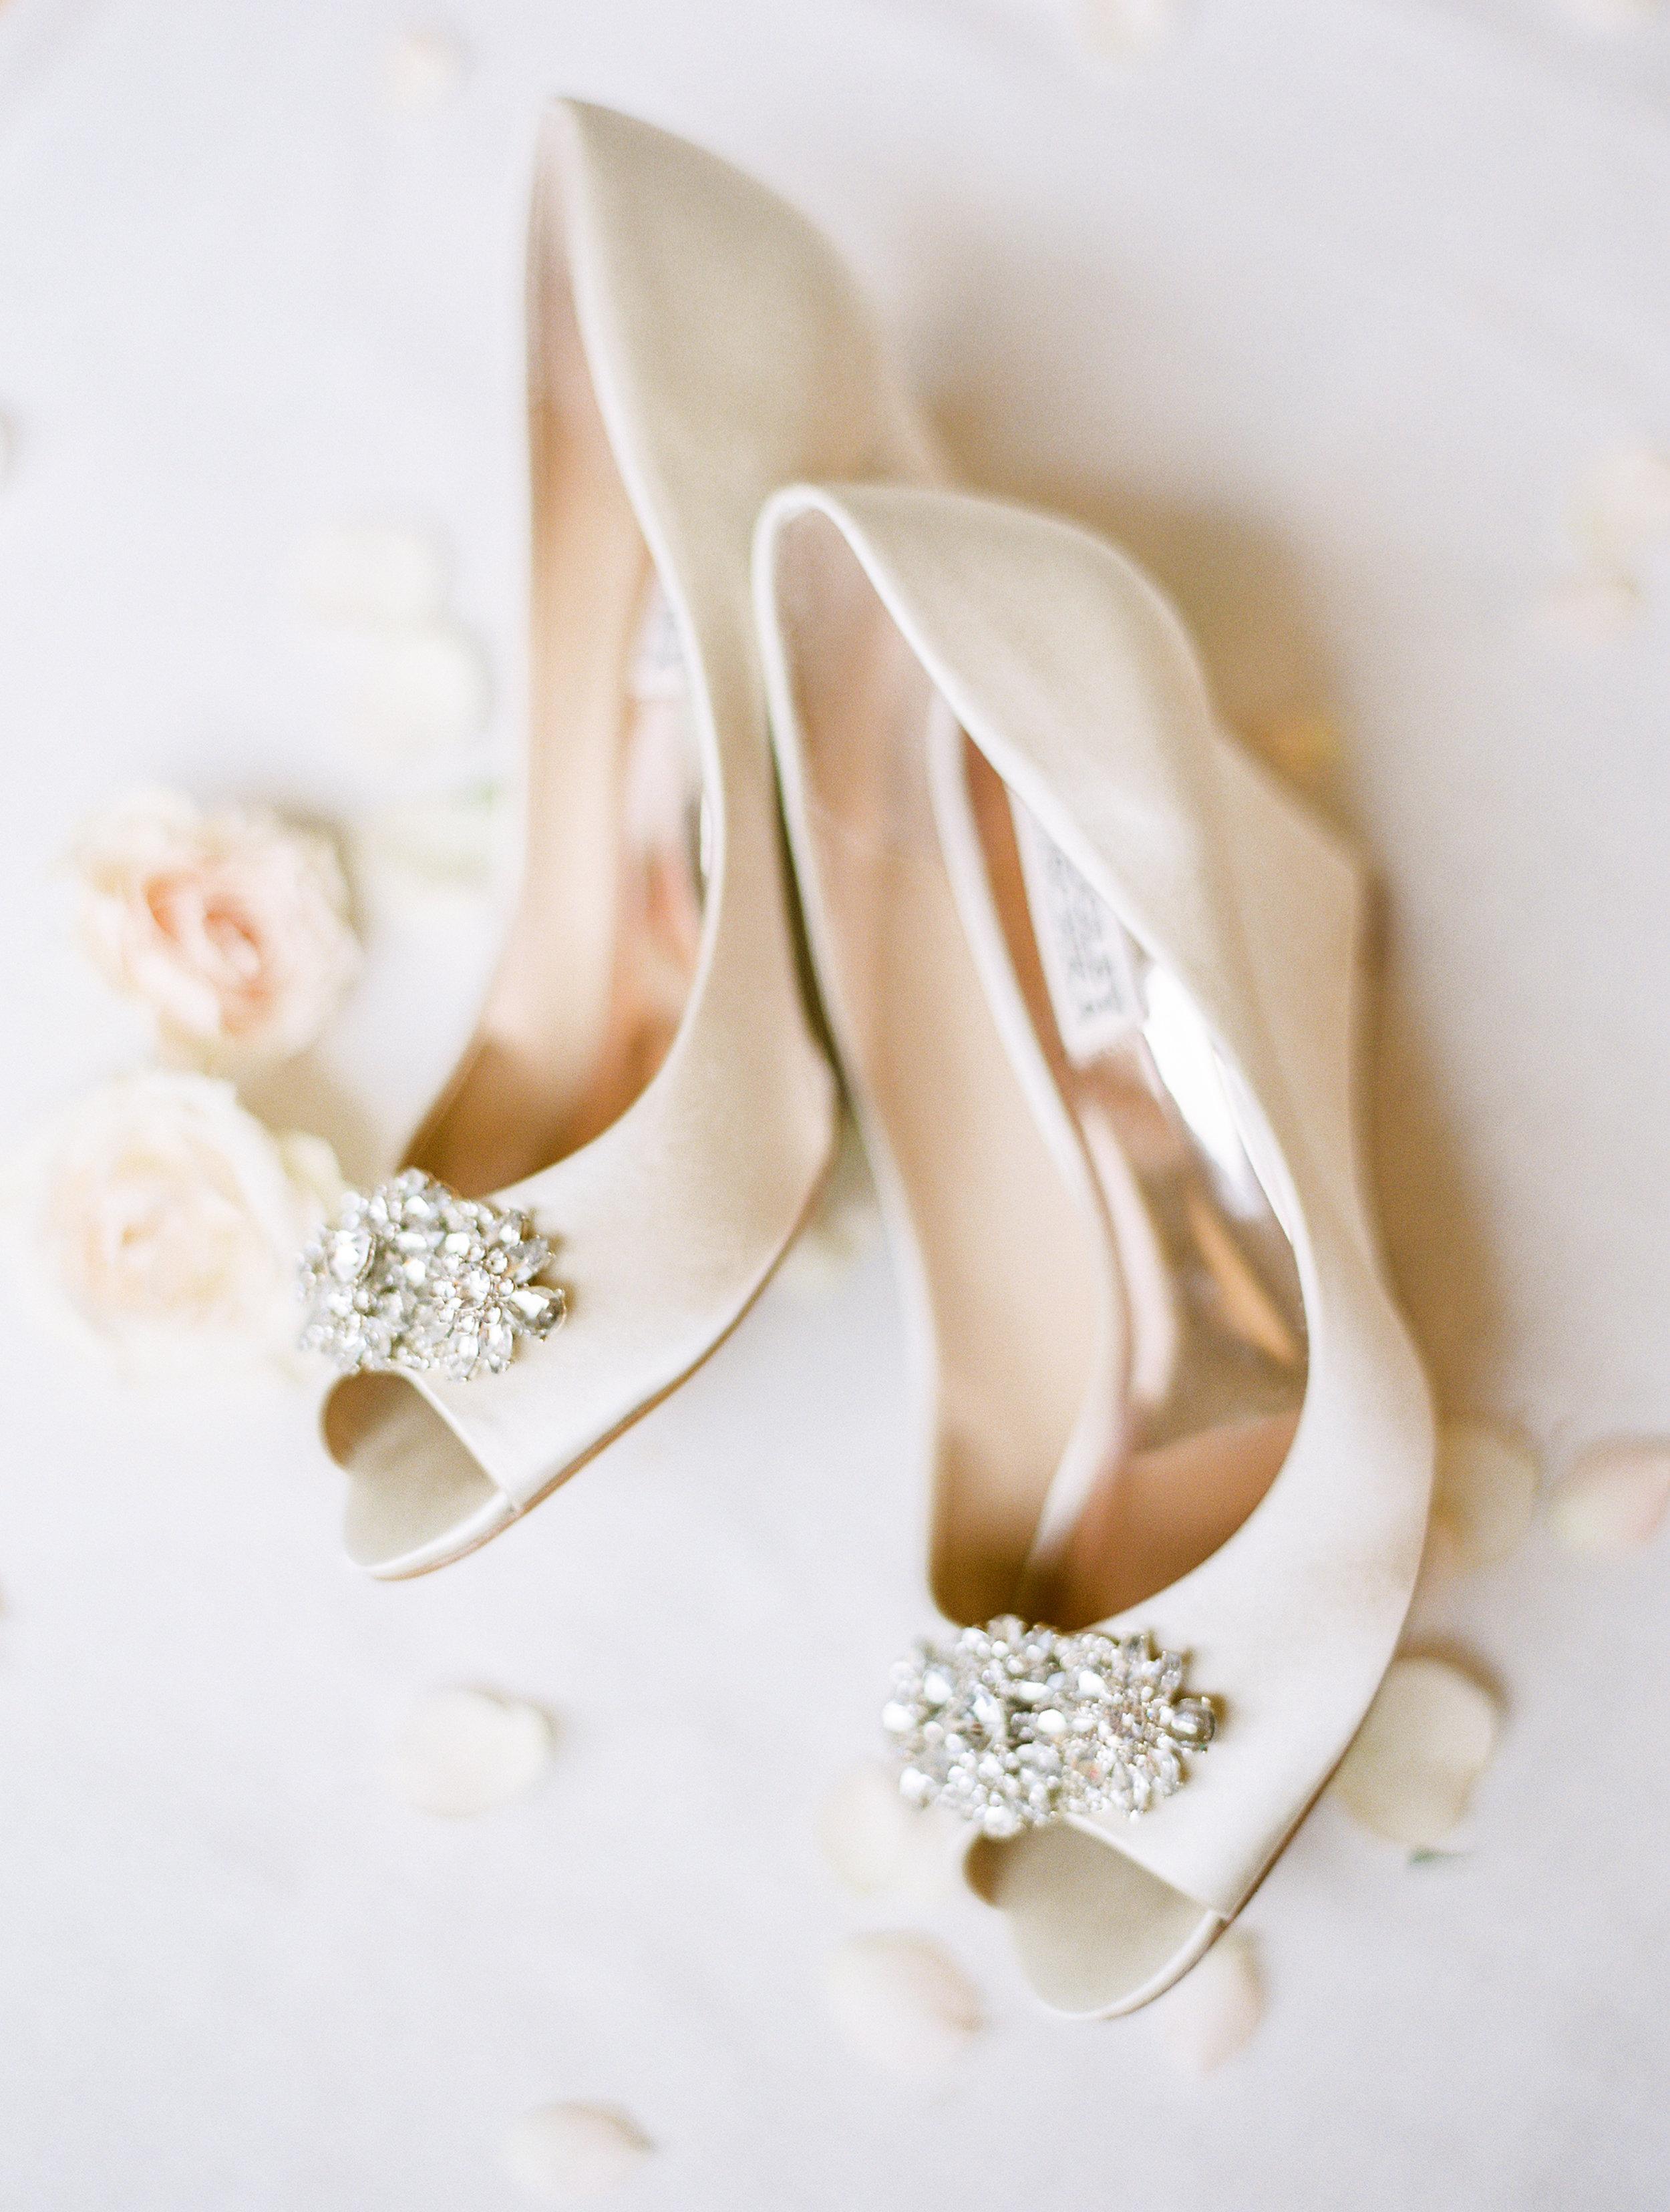 Steiner+Wedding+Details-37.jpg